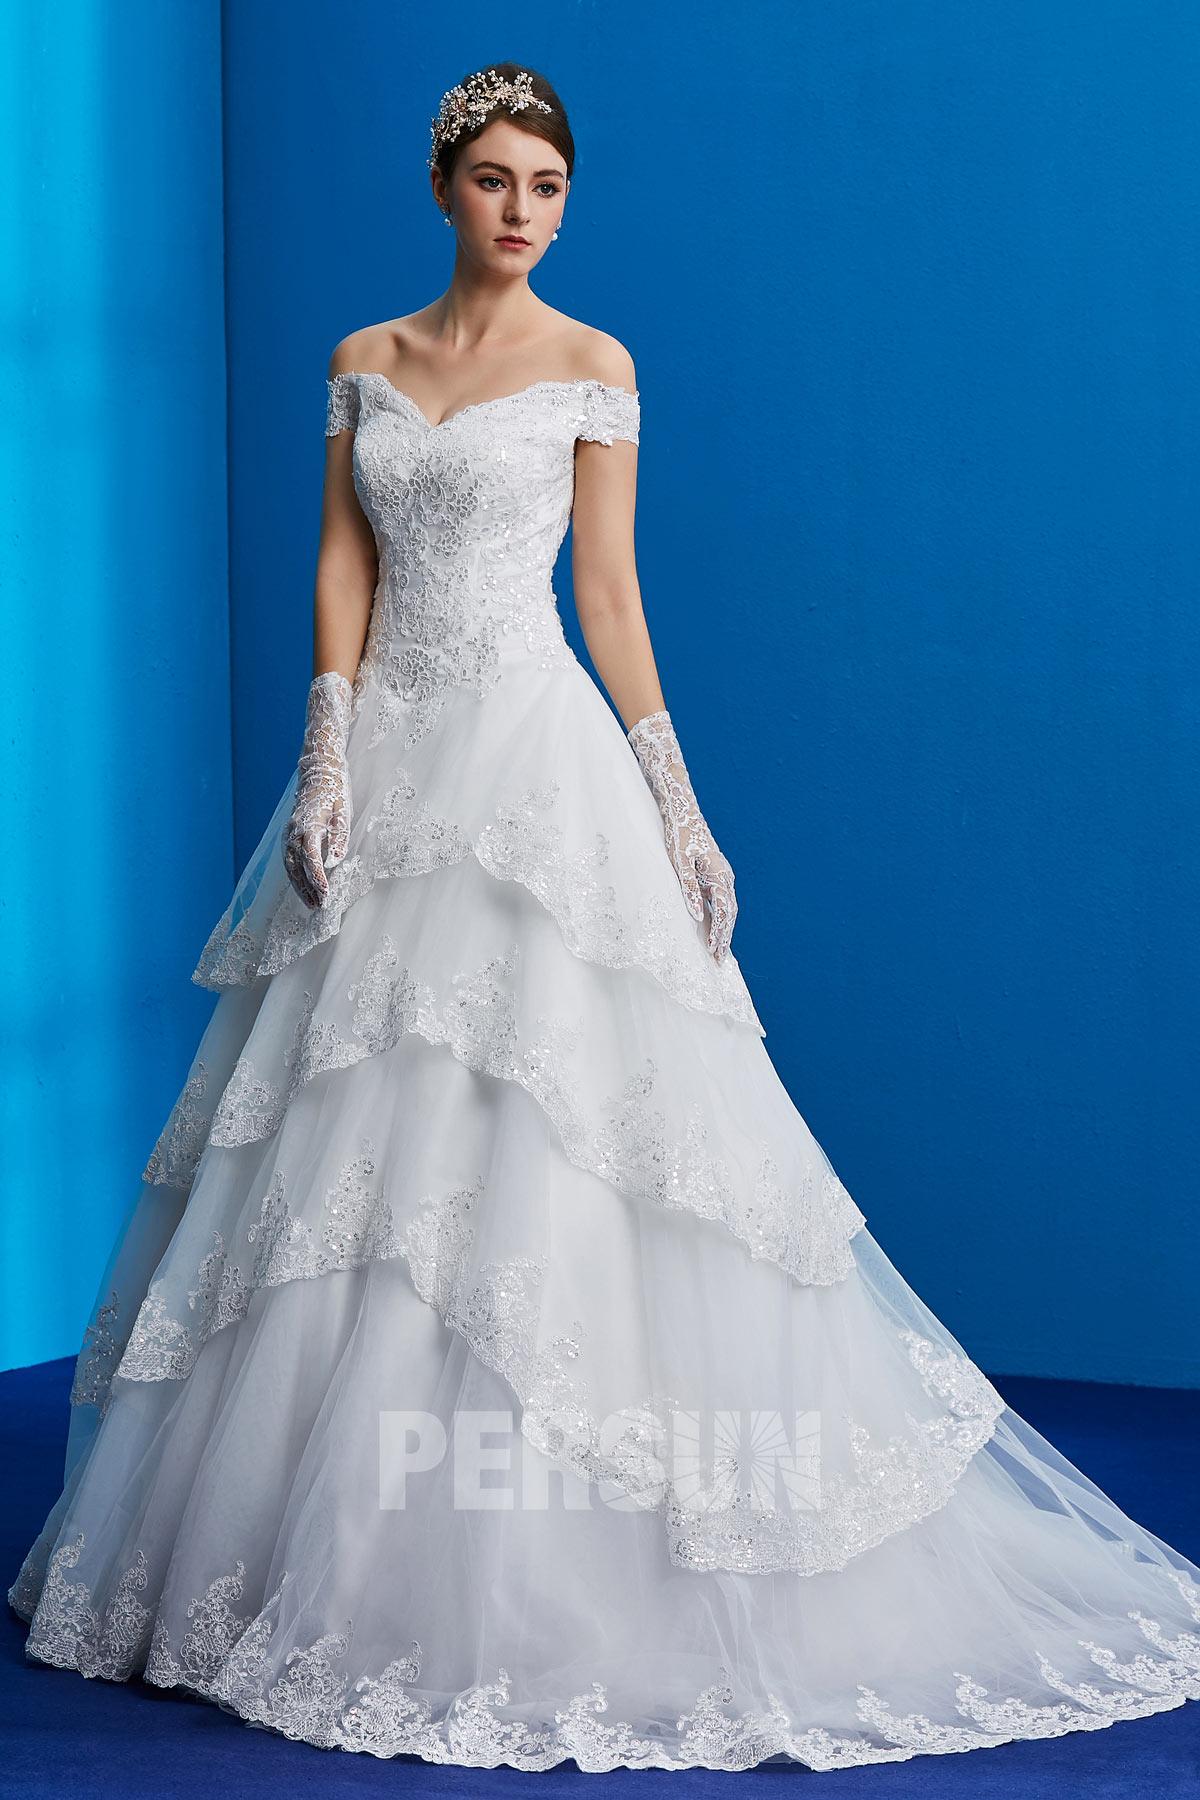 c30c79c364d Cinq signes qui prouvent que vous avez choisi la bonne robe de ...